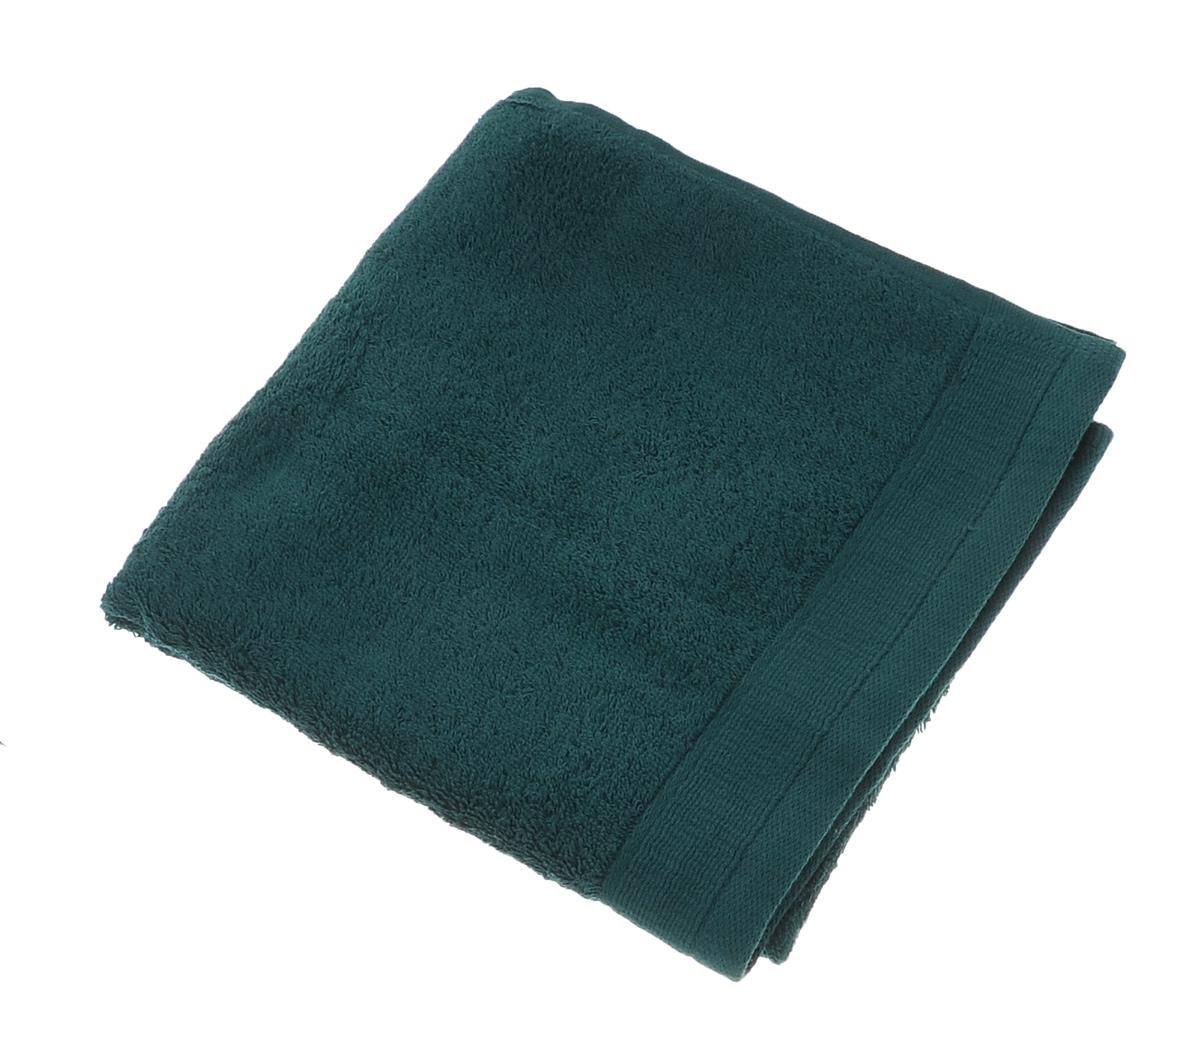 Полотенце махровое Guten Morgen, цвет: темно-зеленый, 50 см х 100 см68/5/4Махровое полотенце Guten Morgen, изготовленное из натурального хлопка, прекрасно впитывает влагу и быстро сохнет. Высокая плотность ткани делает полотенце мягкими, прочными и пушистыми. При соблюдении рекомендаций по уходу изделие сохраняет яркость цвета и не теряет форму даже после многократных стирок. Махровое полотенце Guten Morgen станет достойным выбором для вас и приятным подарком для ваших близких. Мягкость и высокое качество материала, из которого изготовлено полотенце, не оставит вас равнодушными.